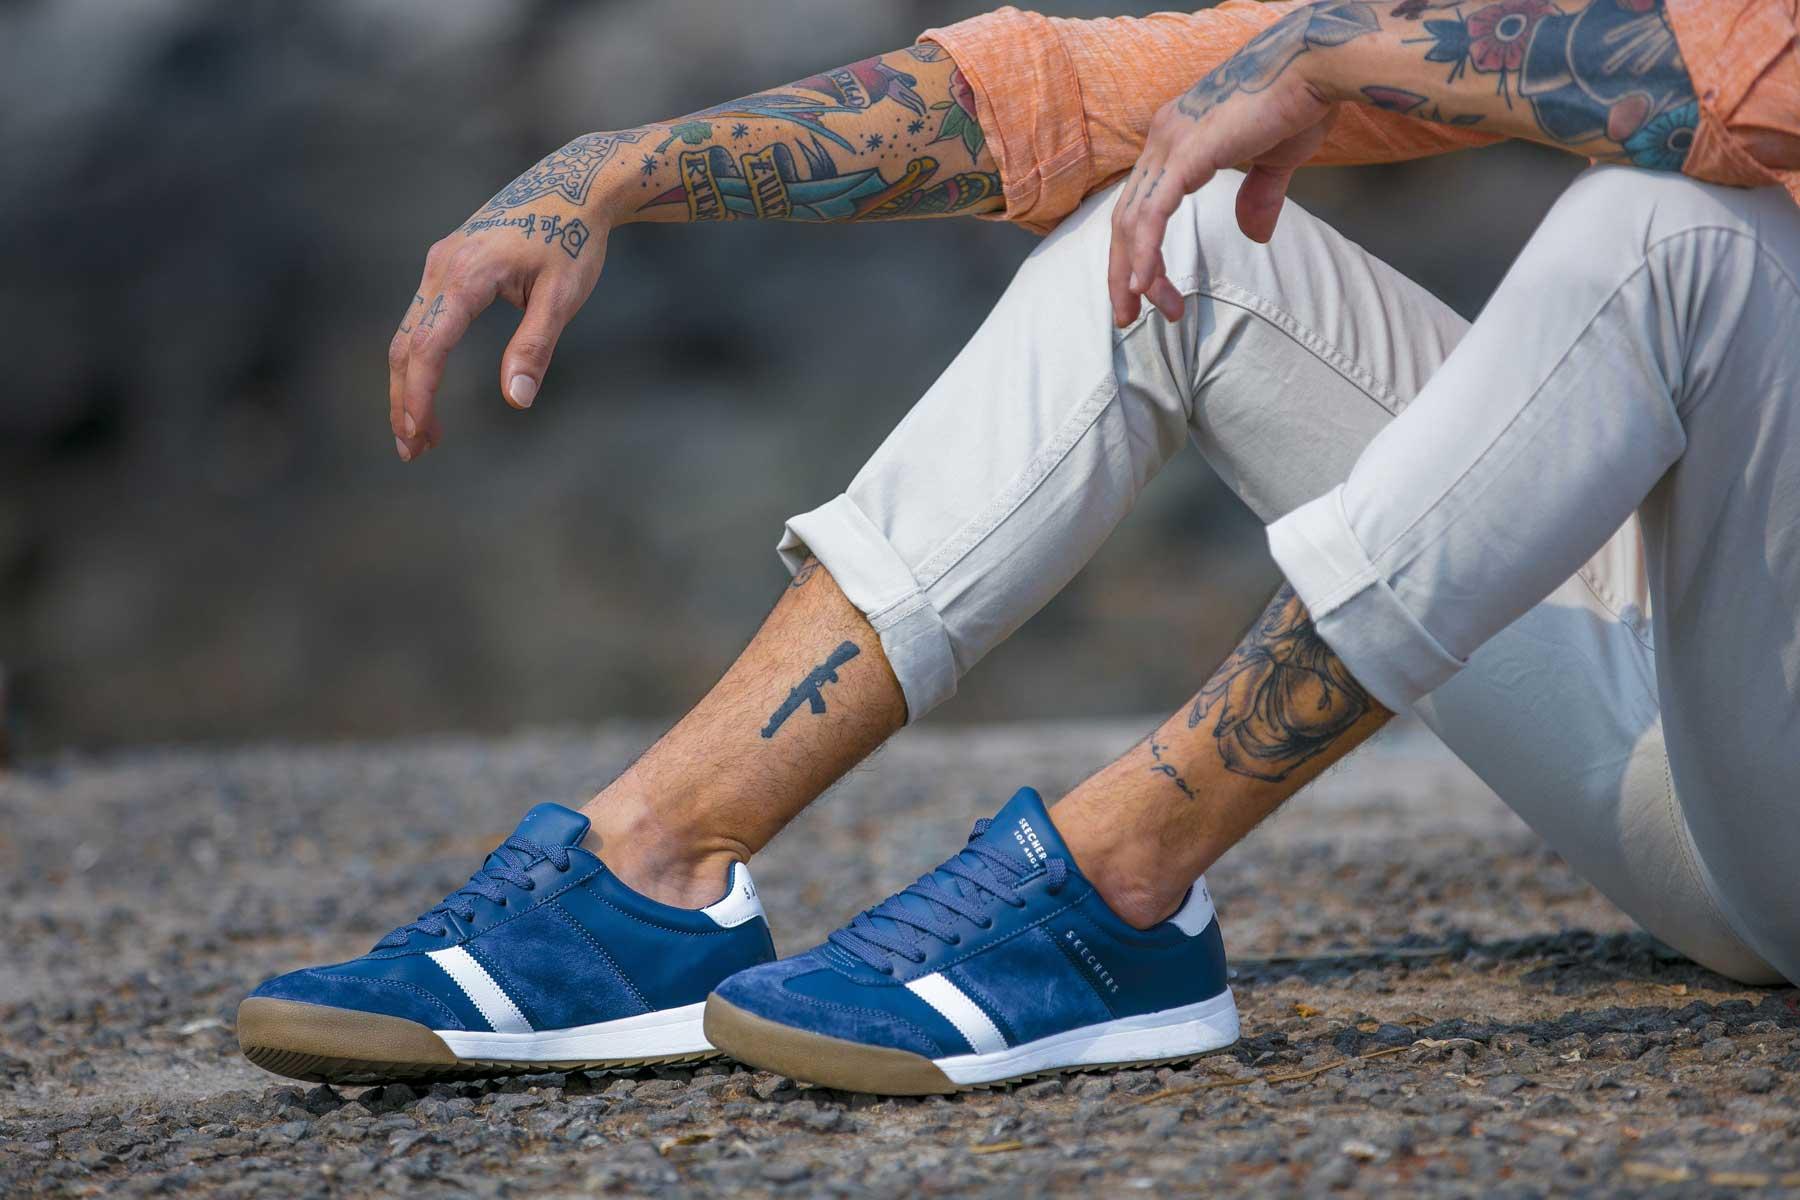 hot sale online ea70b 02e68 Originelle Schuhe von Skechers bei schuhplus